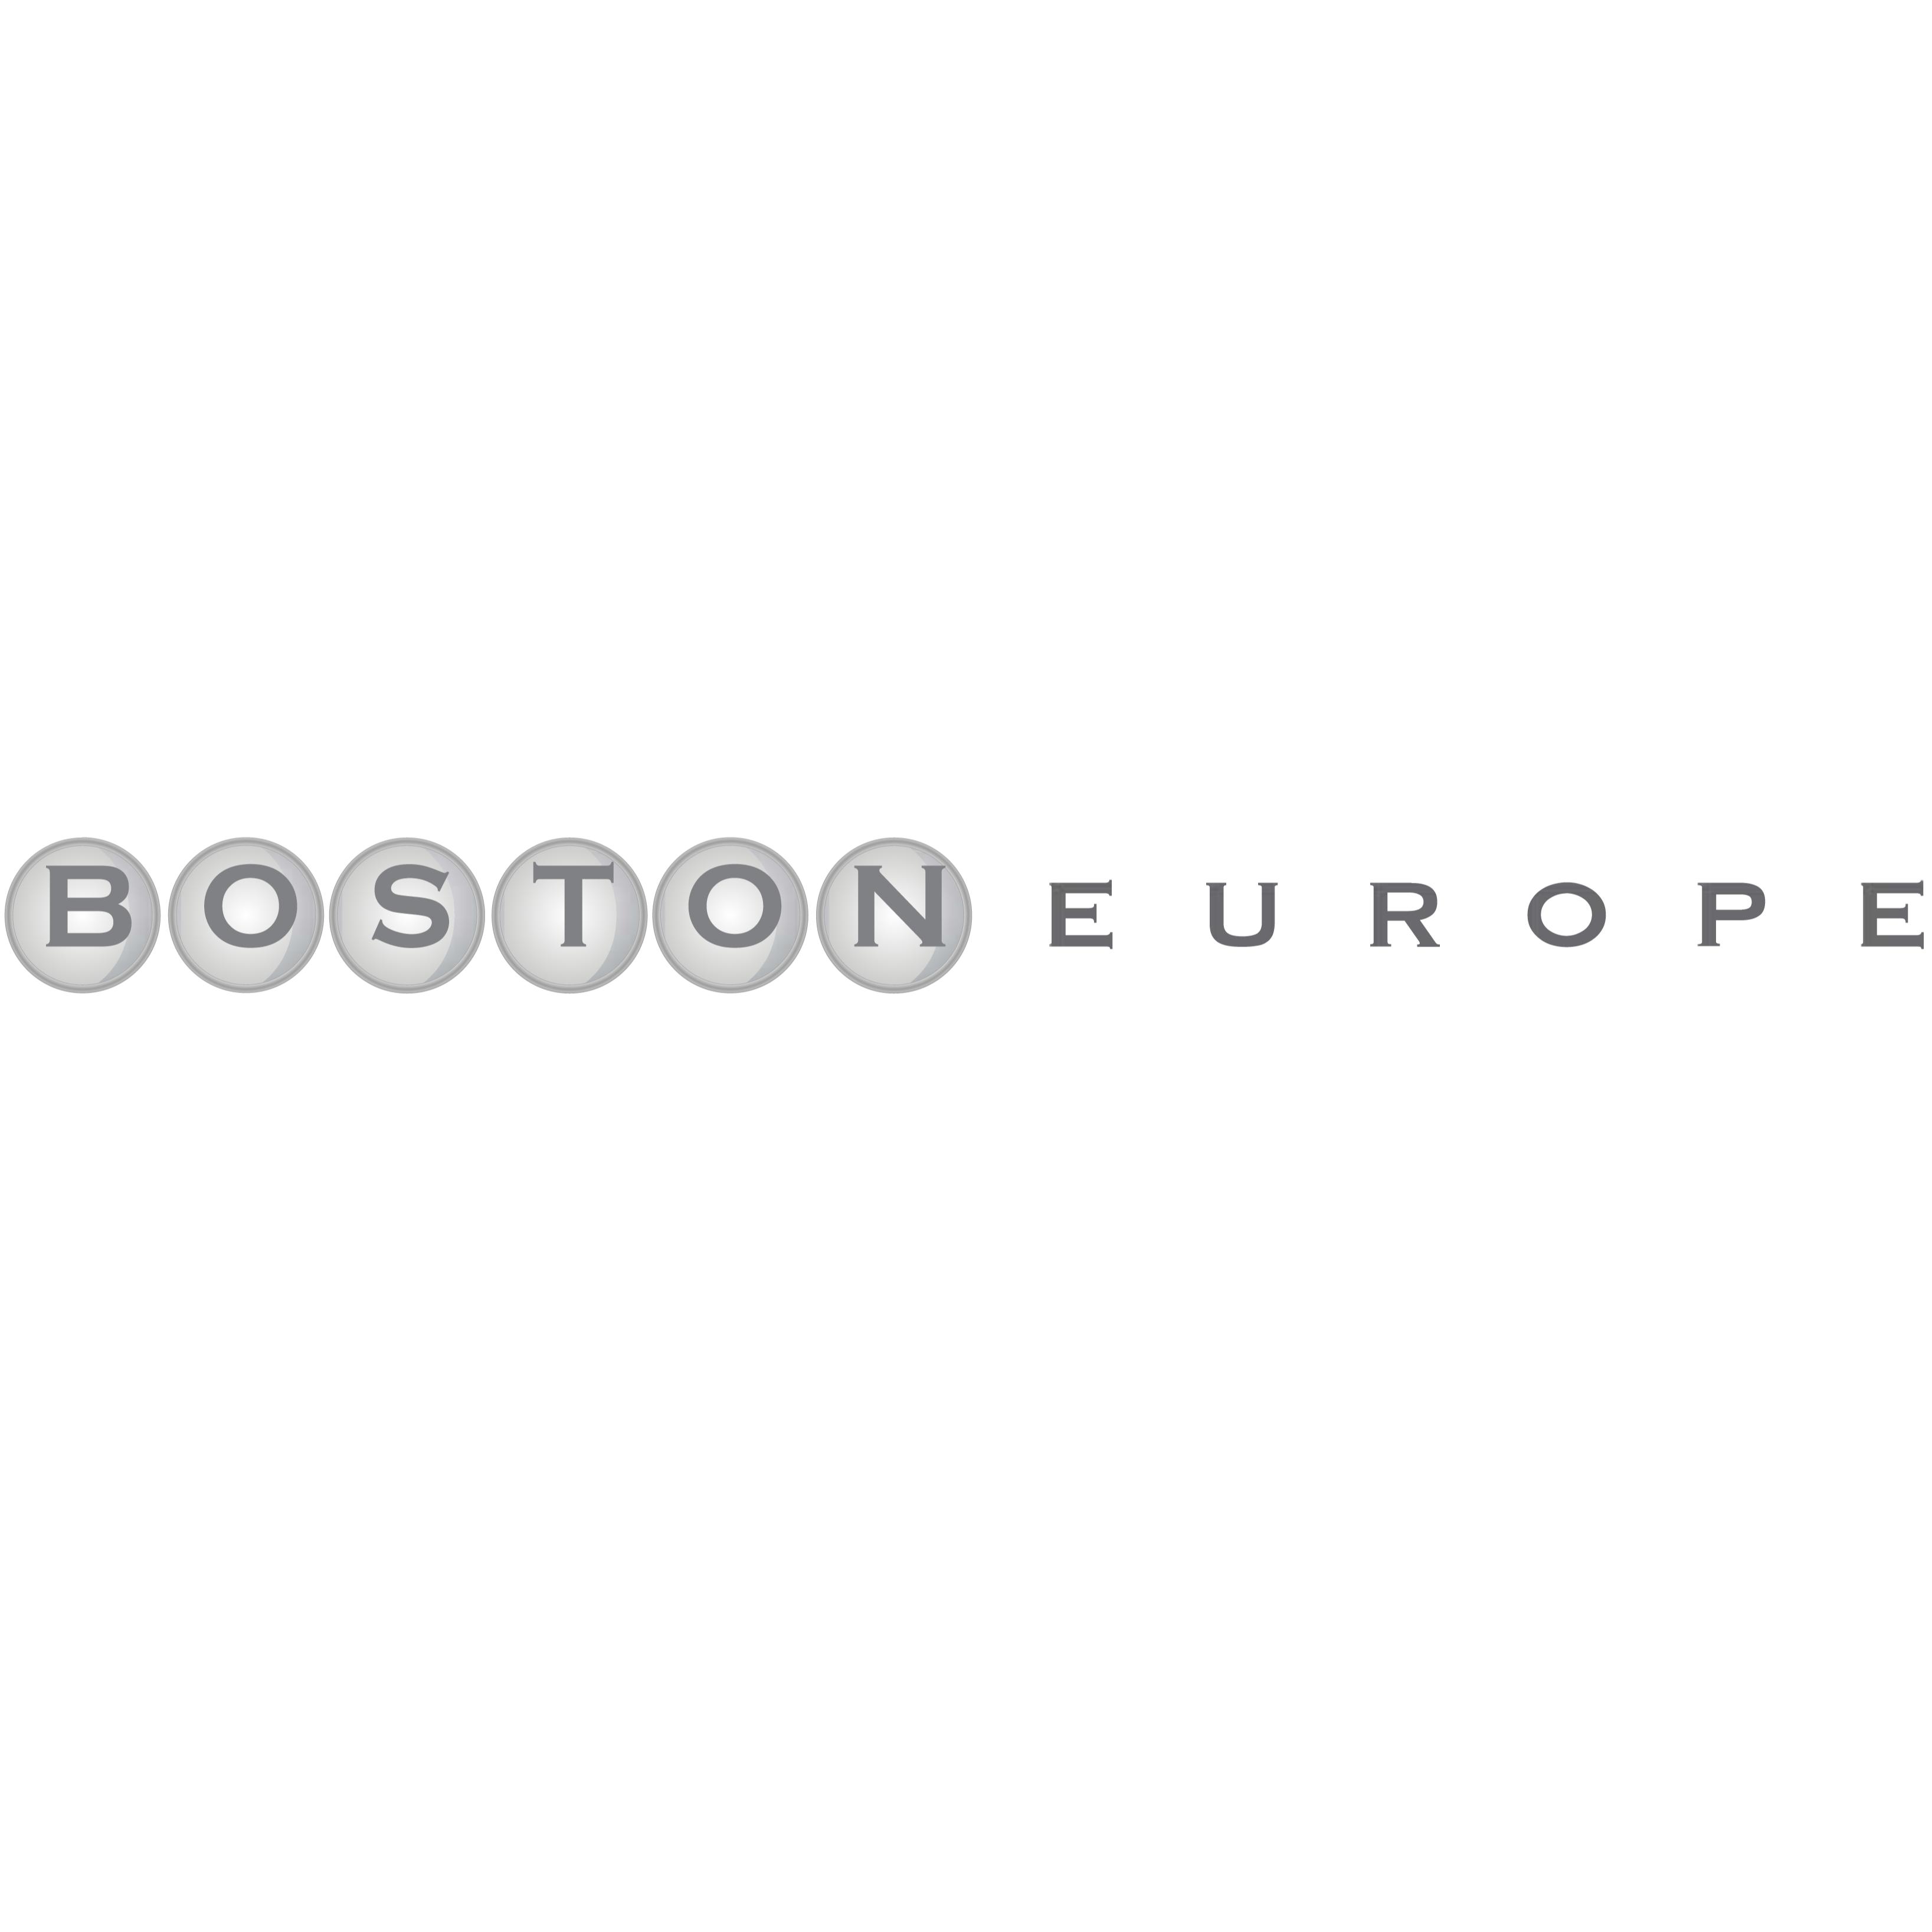 Boston Europe